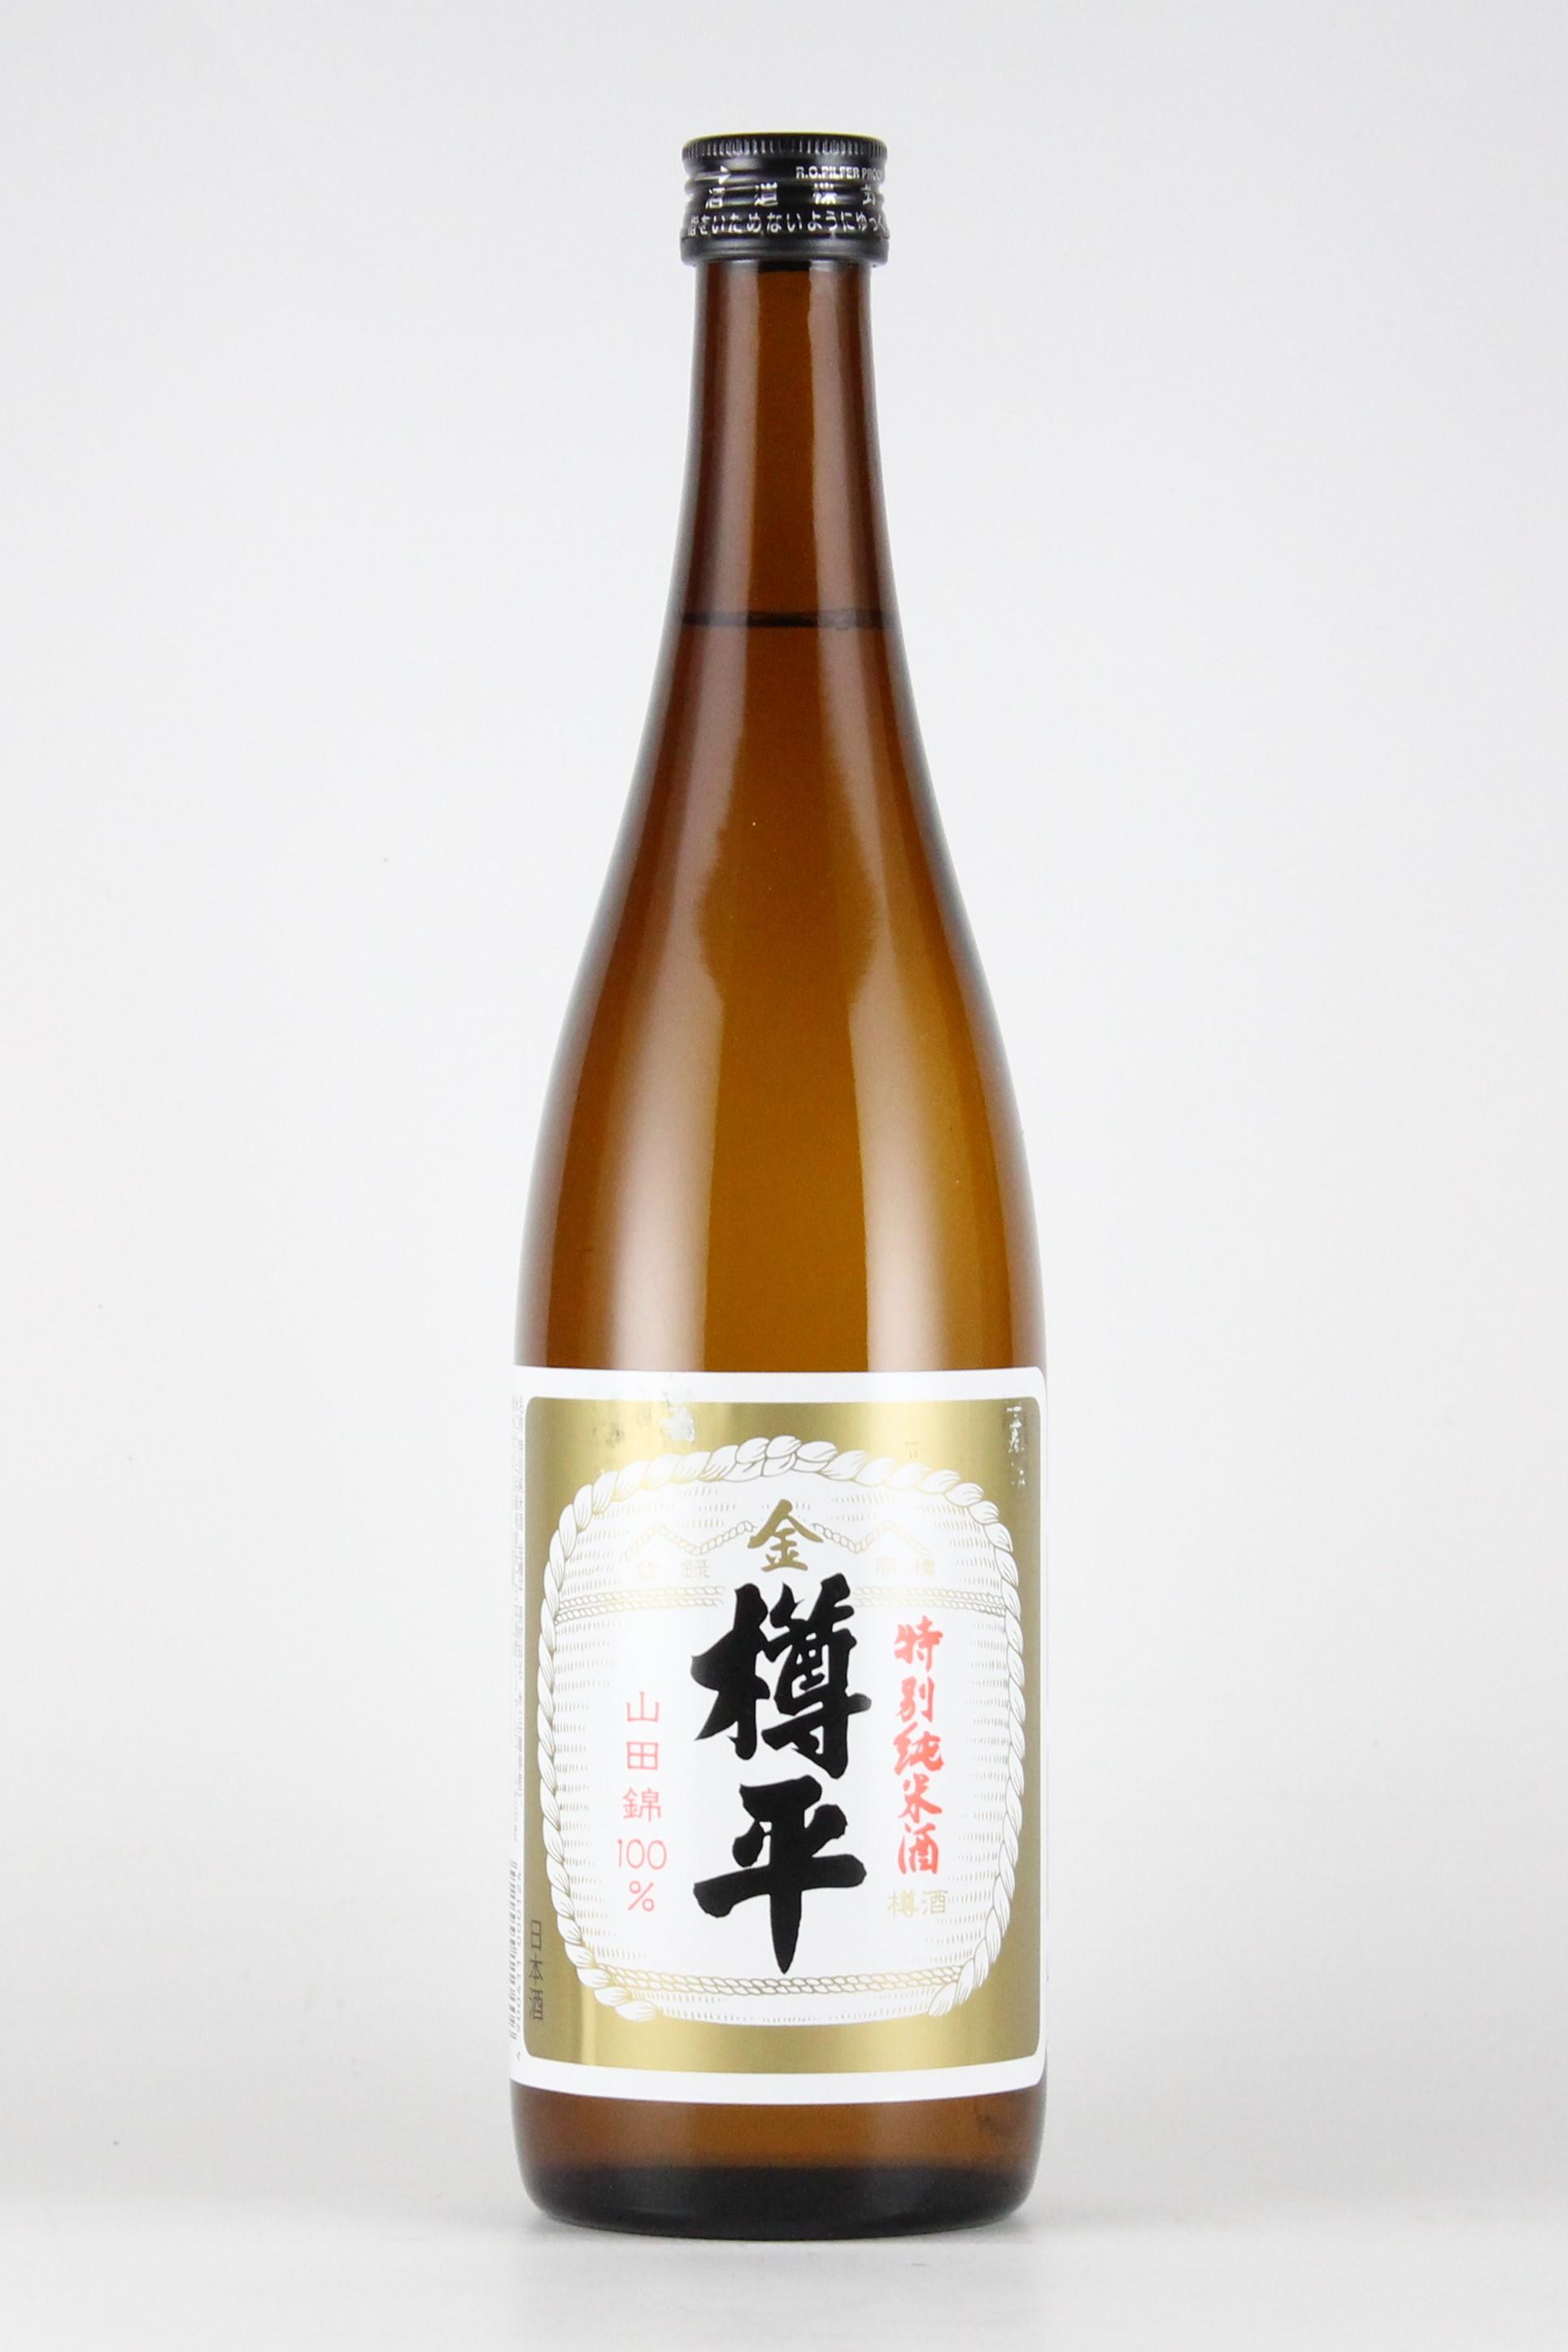 樽平 金 特別純米 樽酒 山田錦 720ml 【山形/樽平酒造】